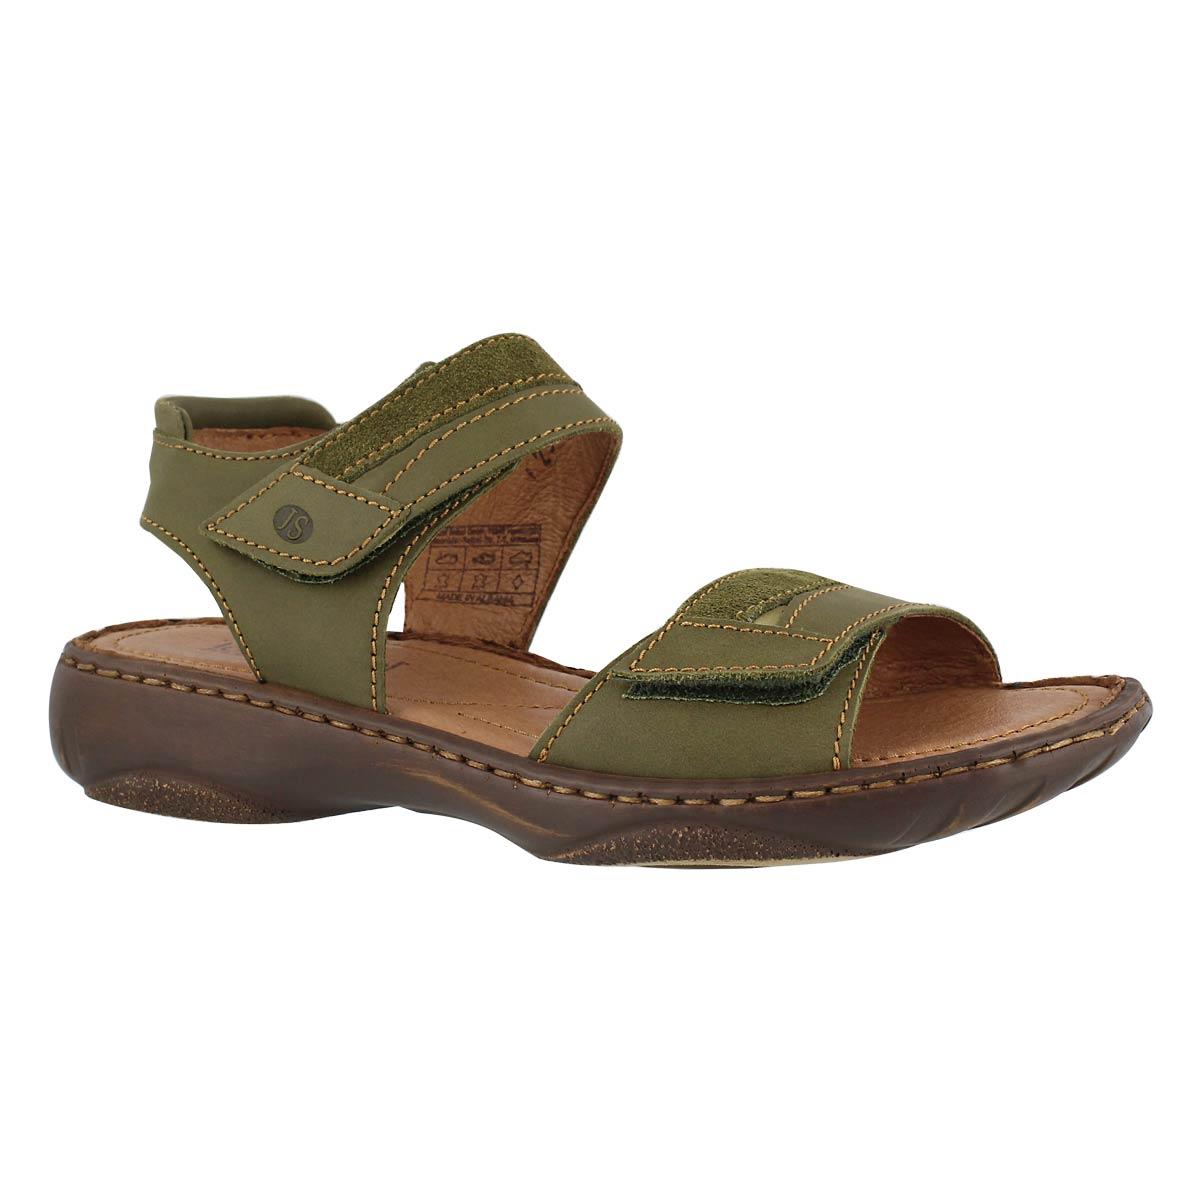 Women's DEBRA 19 olive casual 2 strap sandals